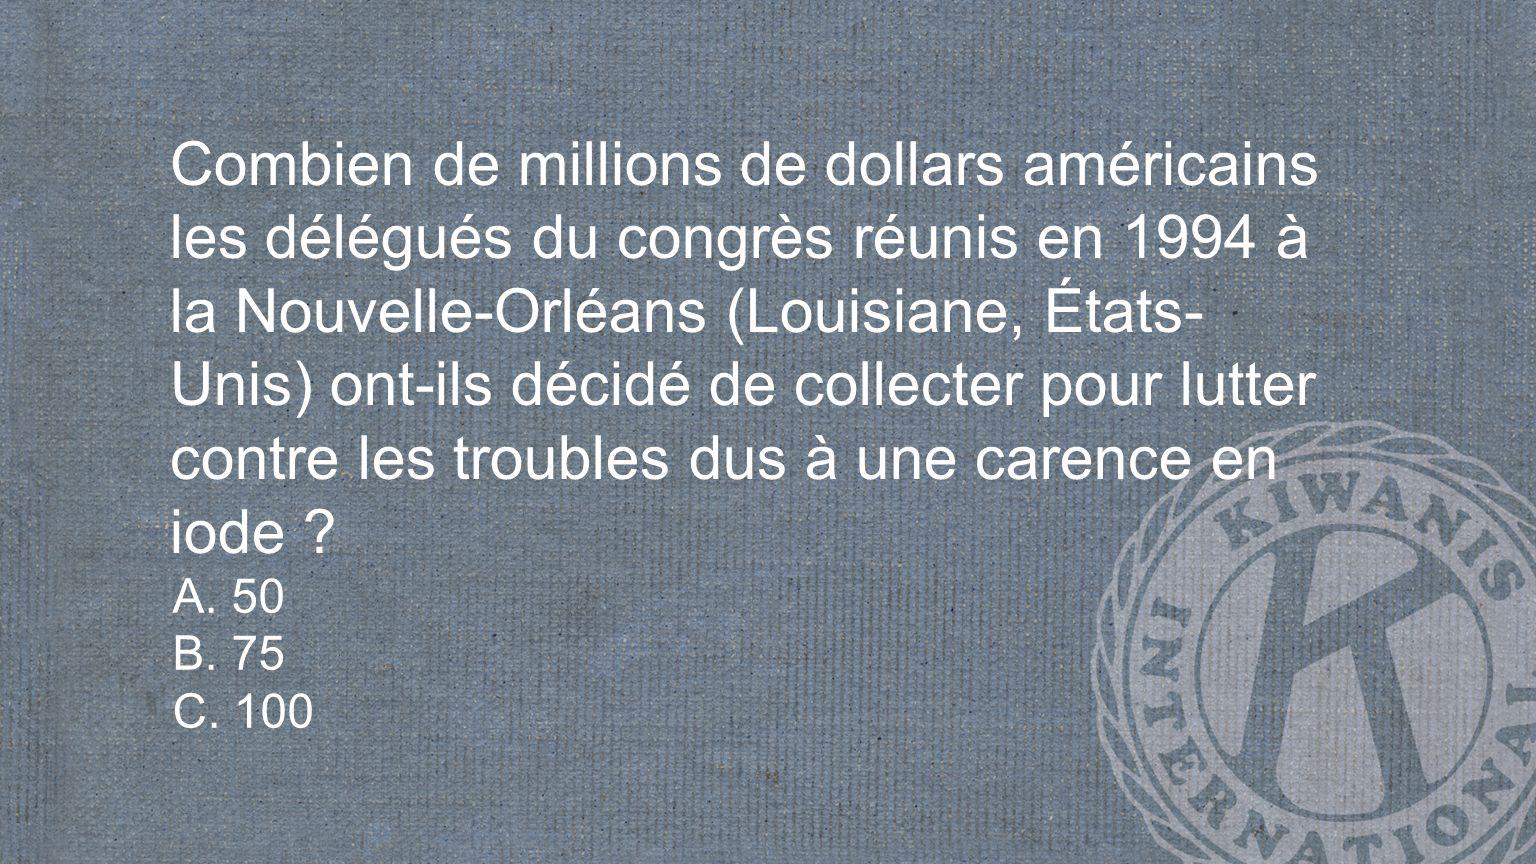 Combien de millions de dollars américains les délégués du congrès réunis en 1994 à la Nouvelle-Orléans (Louisiane, États- Unis) ont-ils décidé de collecter pour lutter contre les troubles dus à une carence en iode .